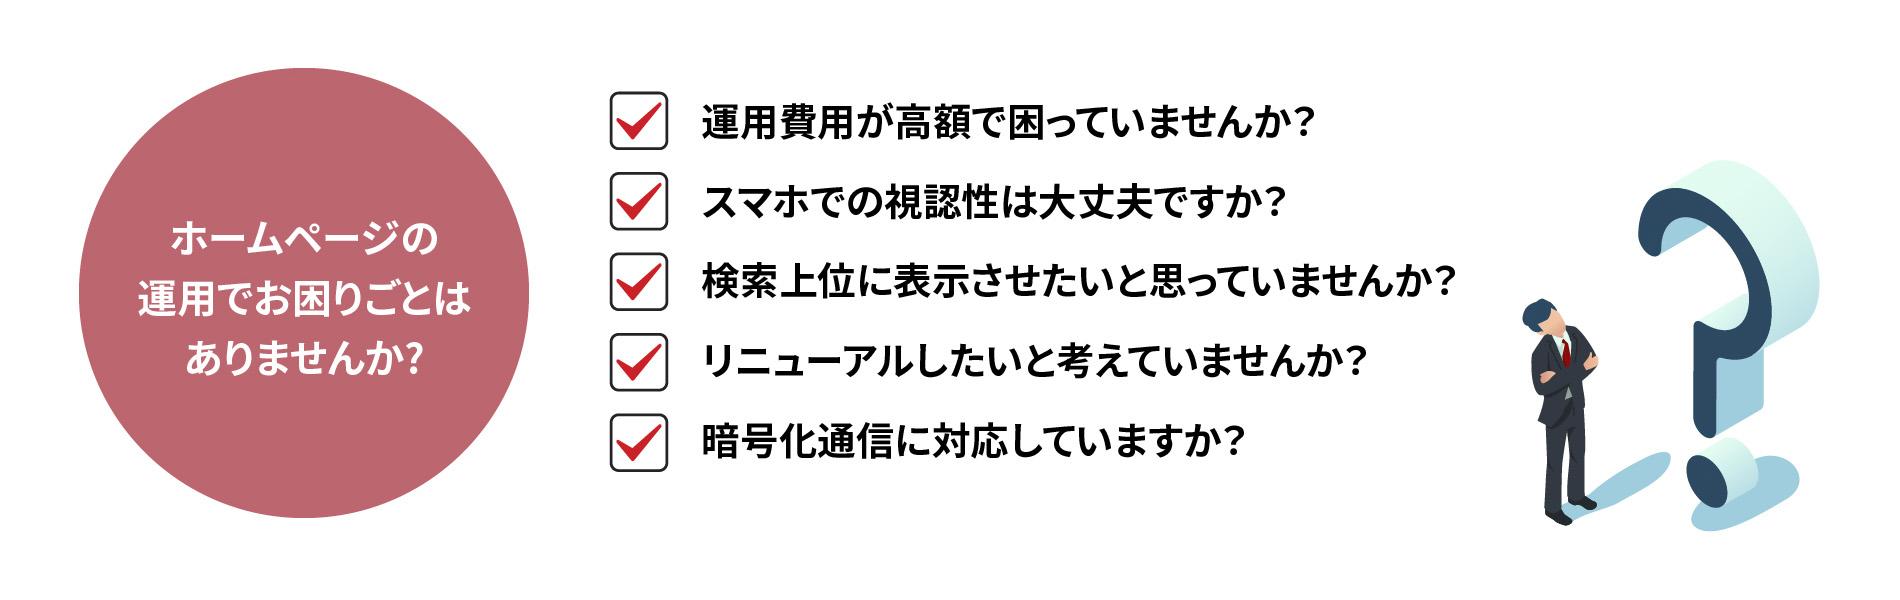 長崎ホームページ制作